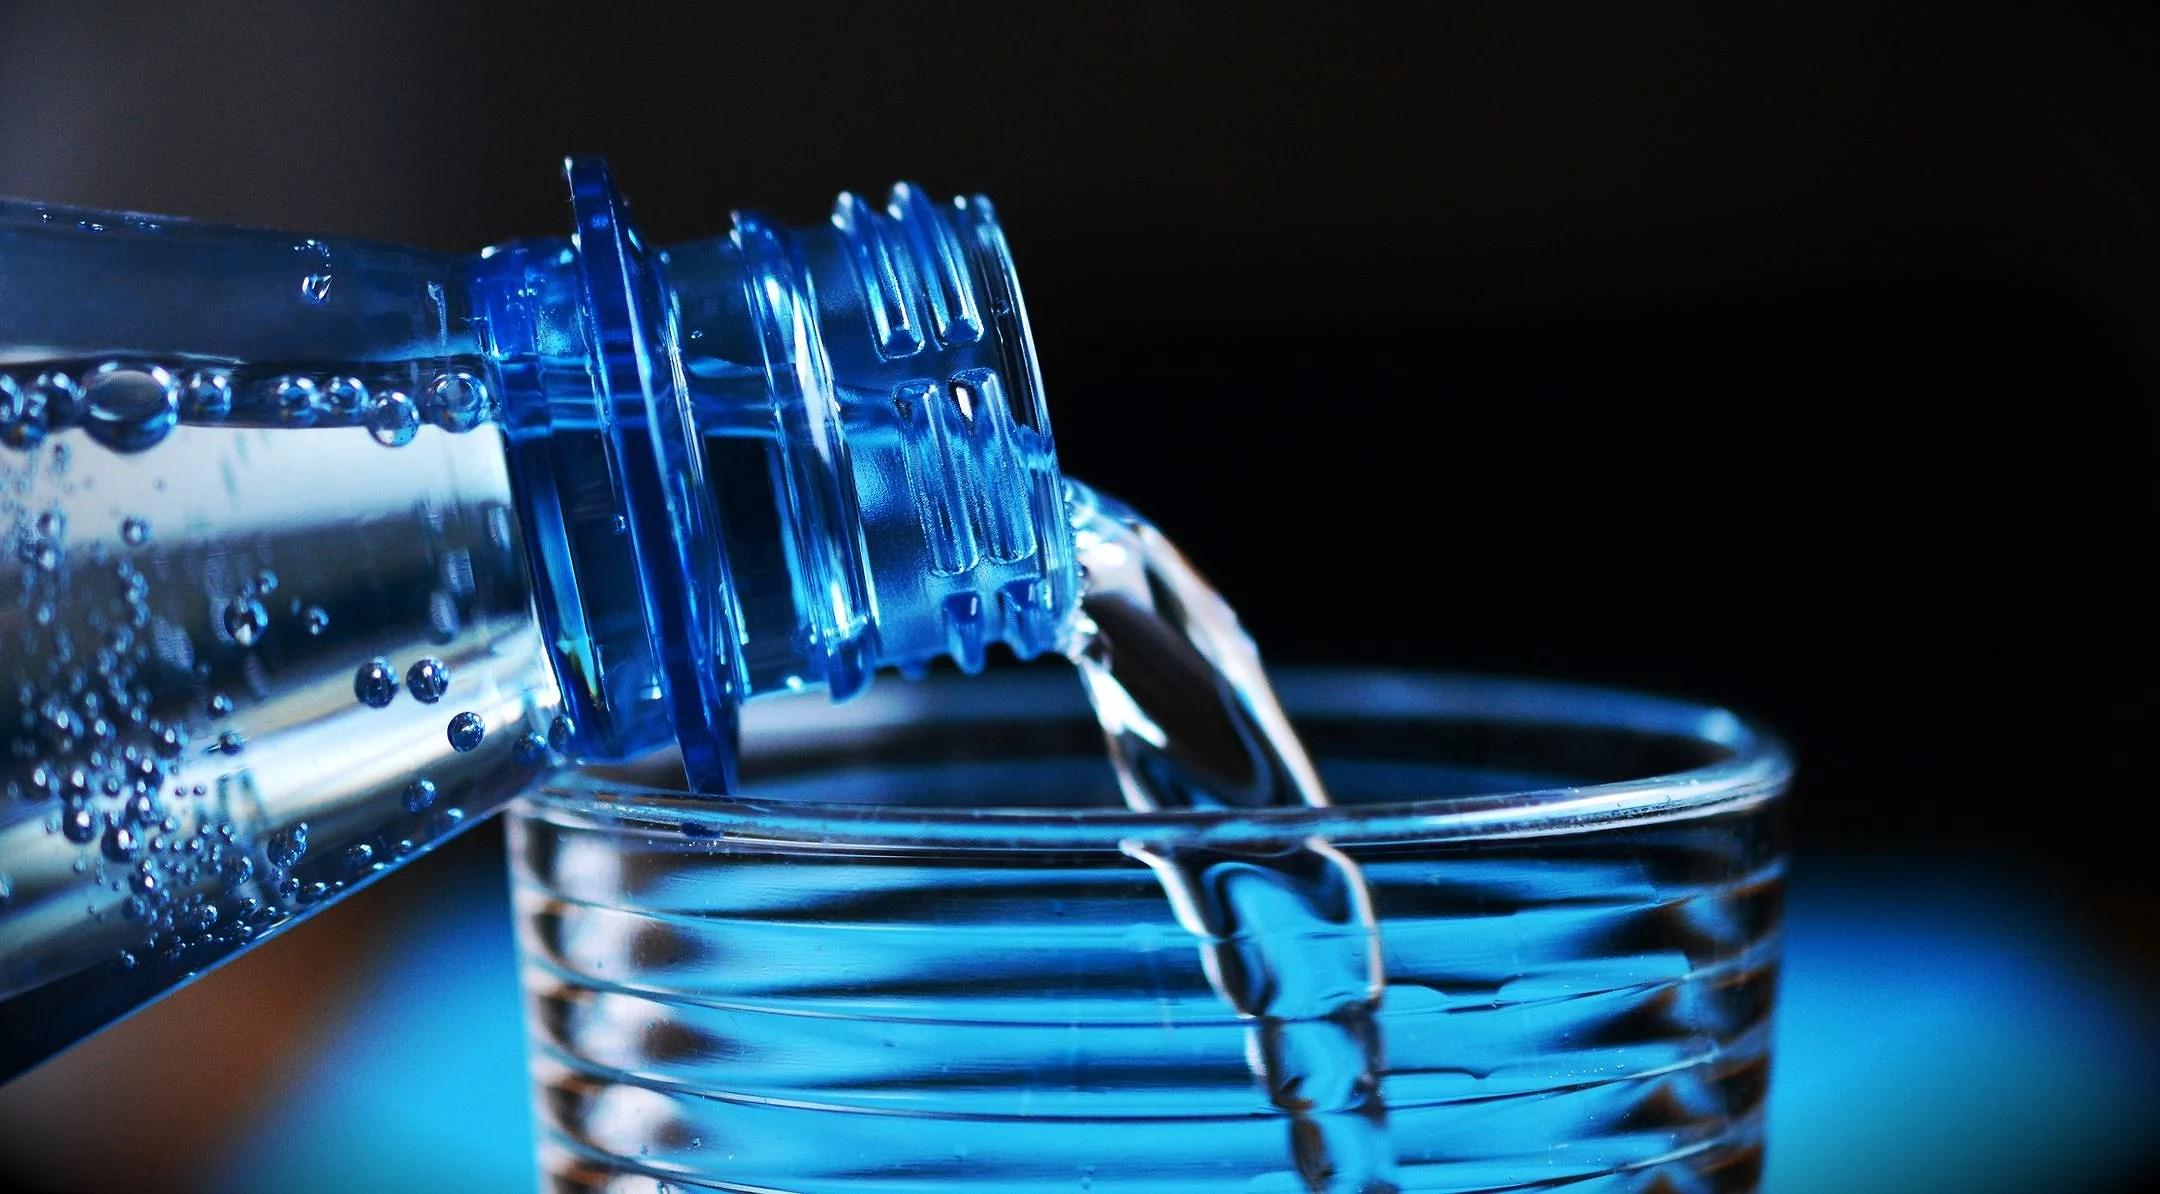 Du skal huske at drikke vand!